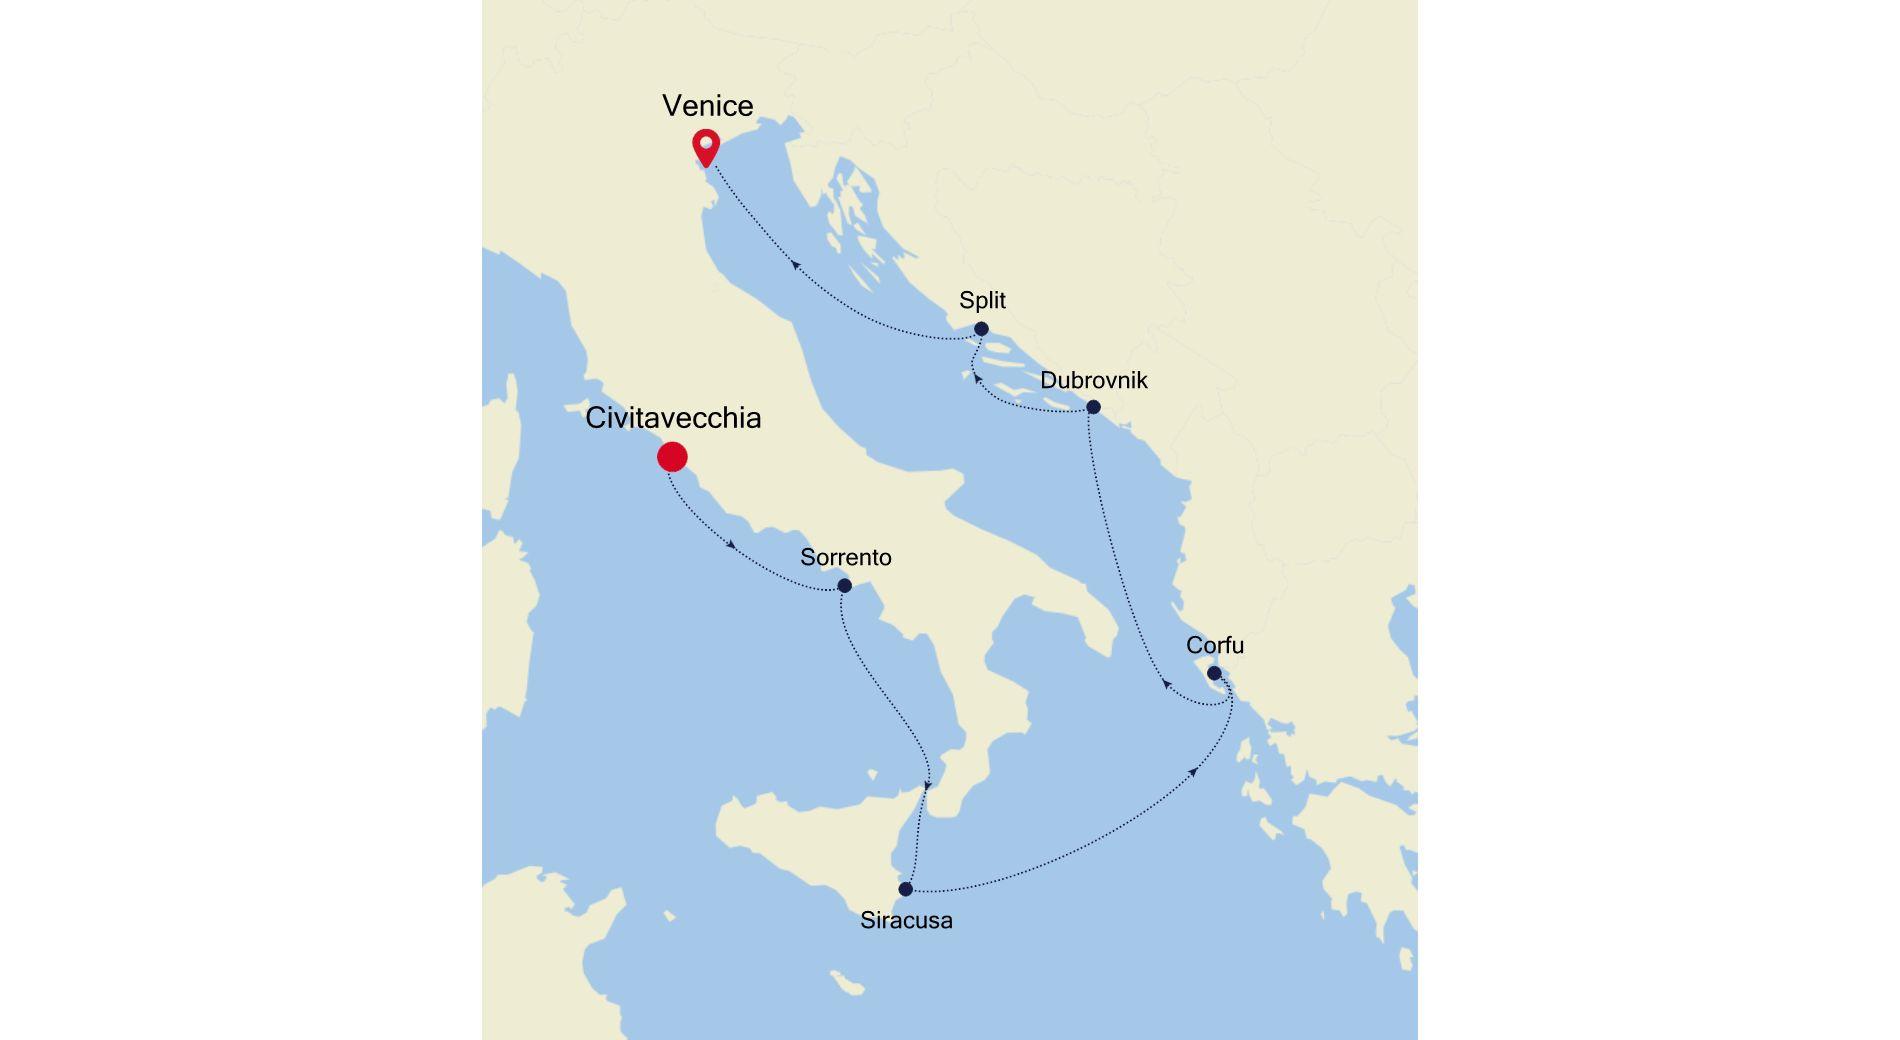 MO211007007 - Civitavecchia a Venice